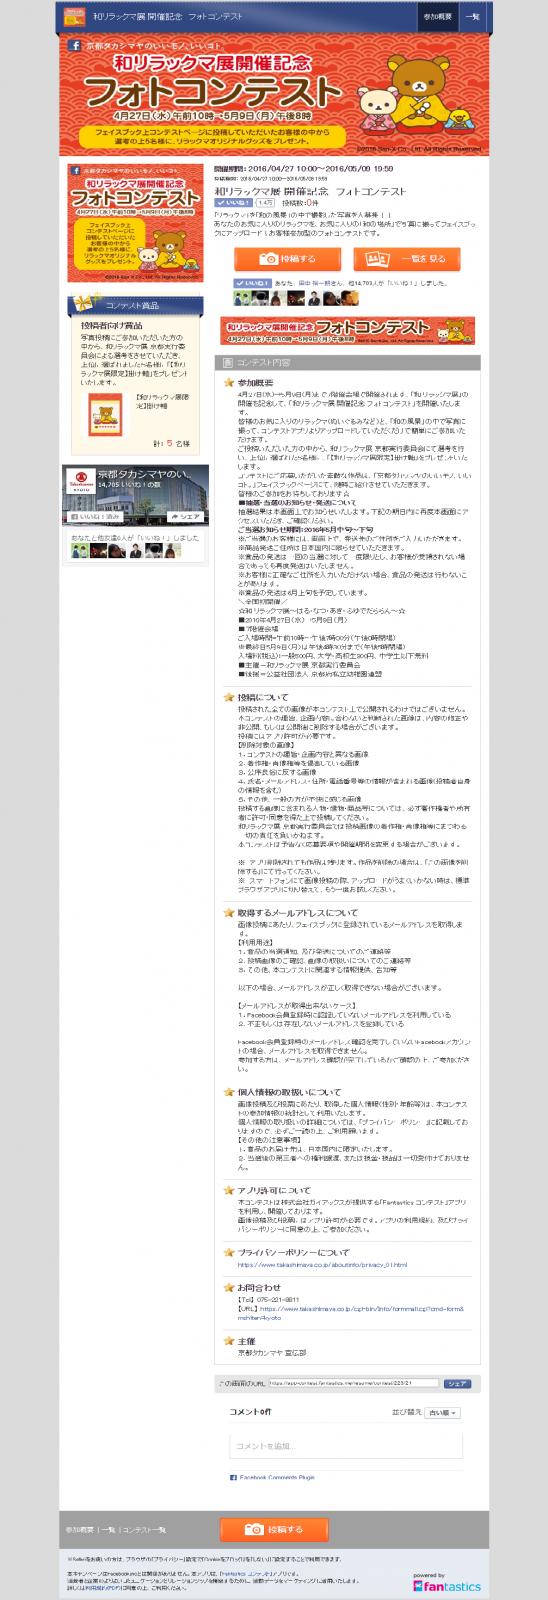 Fantastics 投稿コンテスト(株式会社高島屋様)「和リラックマ展 開催記念 フォトコンテスト」を開催